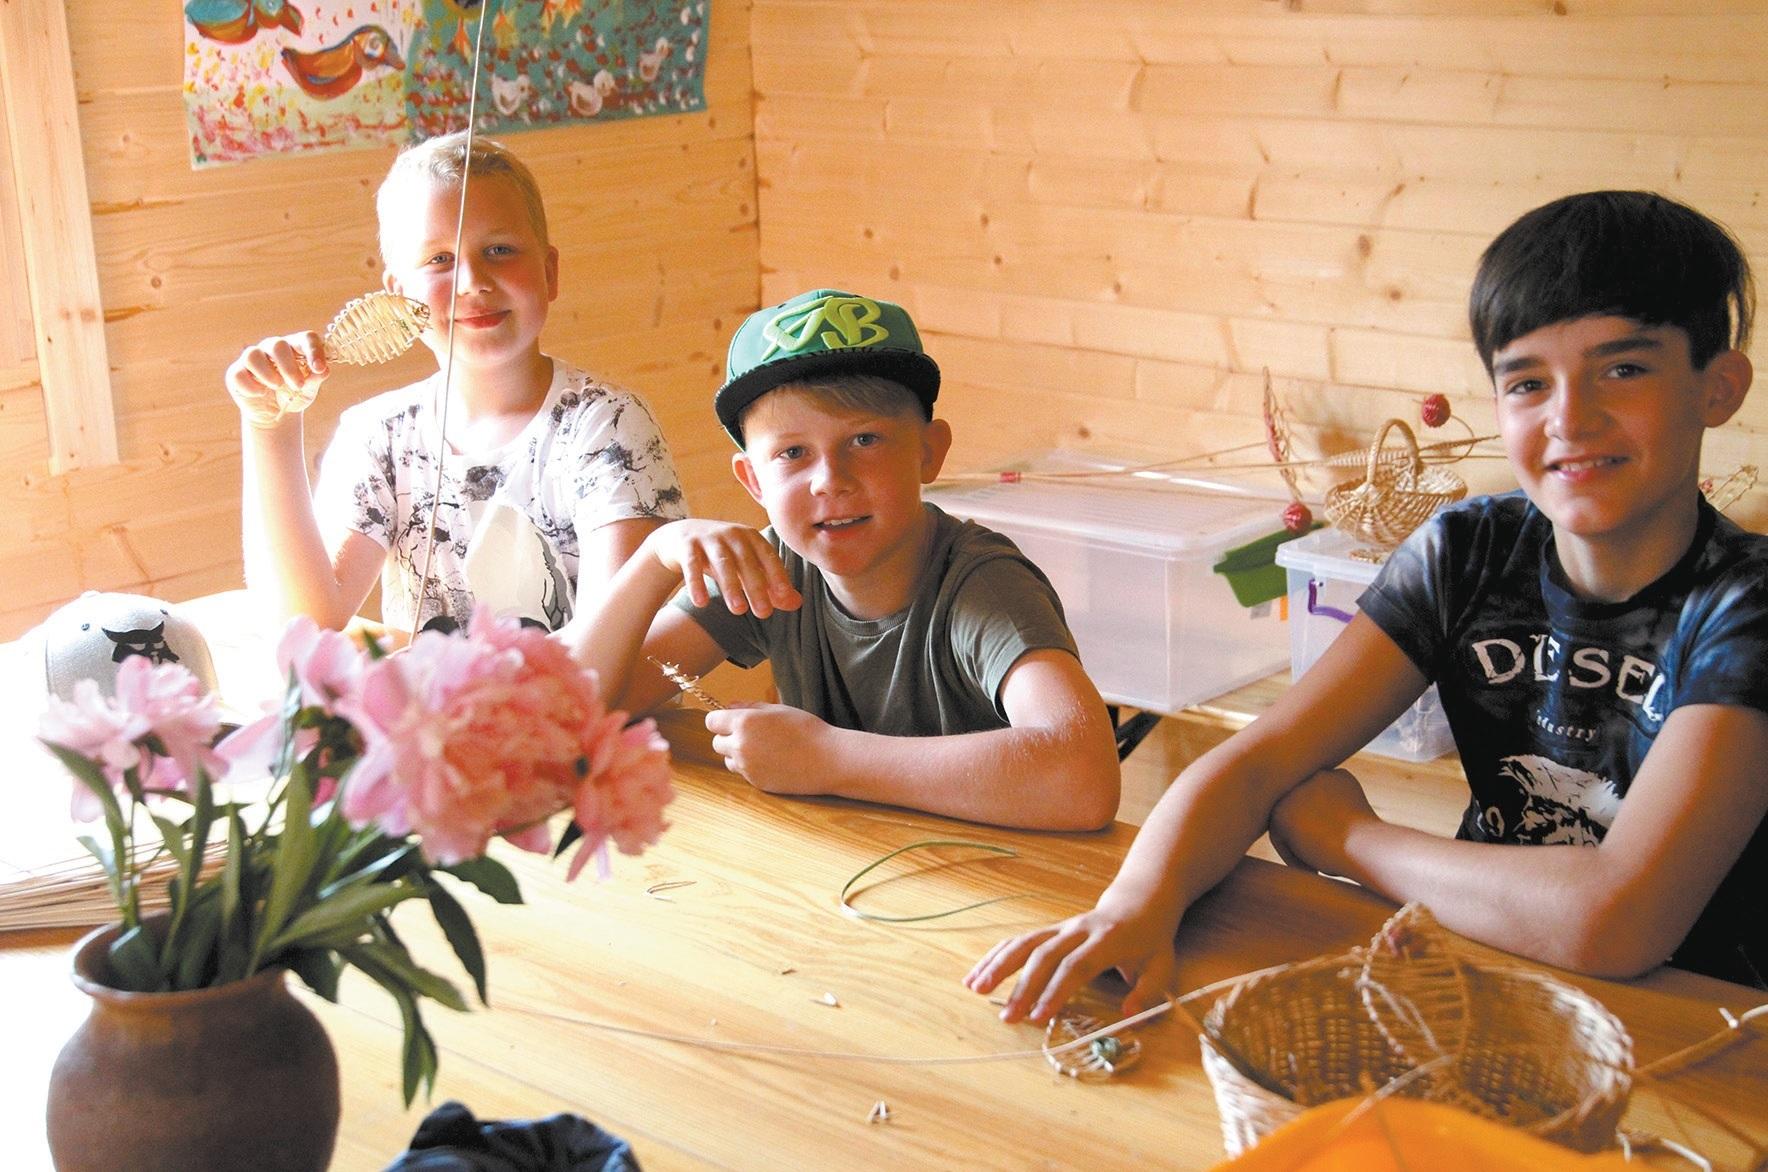 Vaikų vasaros poilsio ir užimtumo stovykloms iš rajono savivaldybės 2019 metų biudžeto yra skirta 25 tūkstančiai eurų. Algimanto Barzdžiaus nuotr.